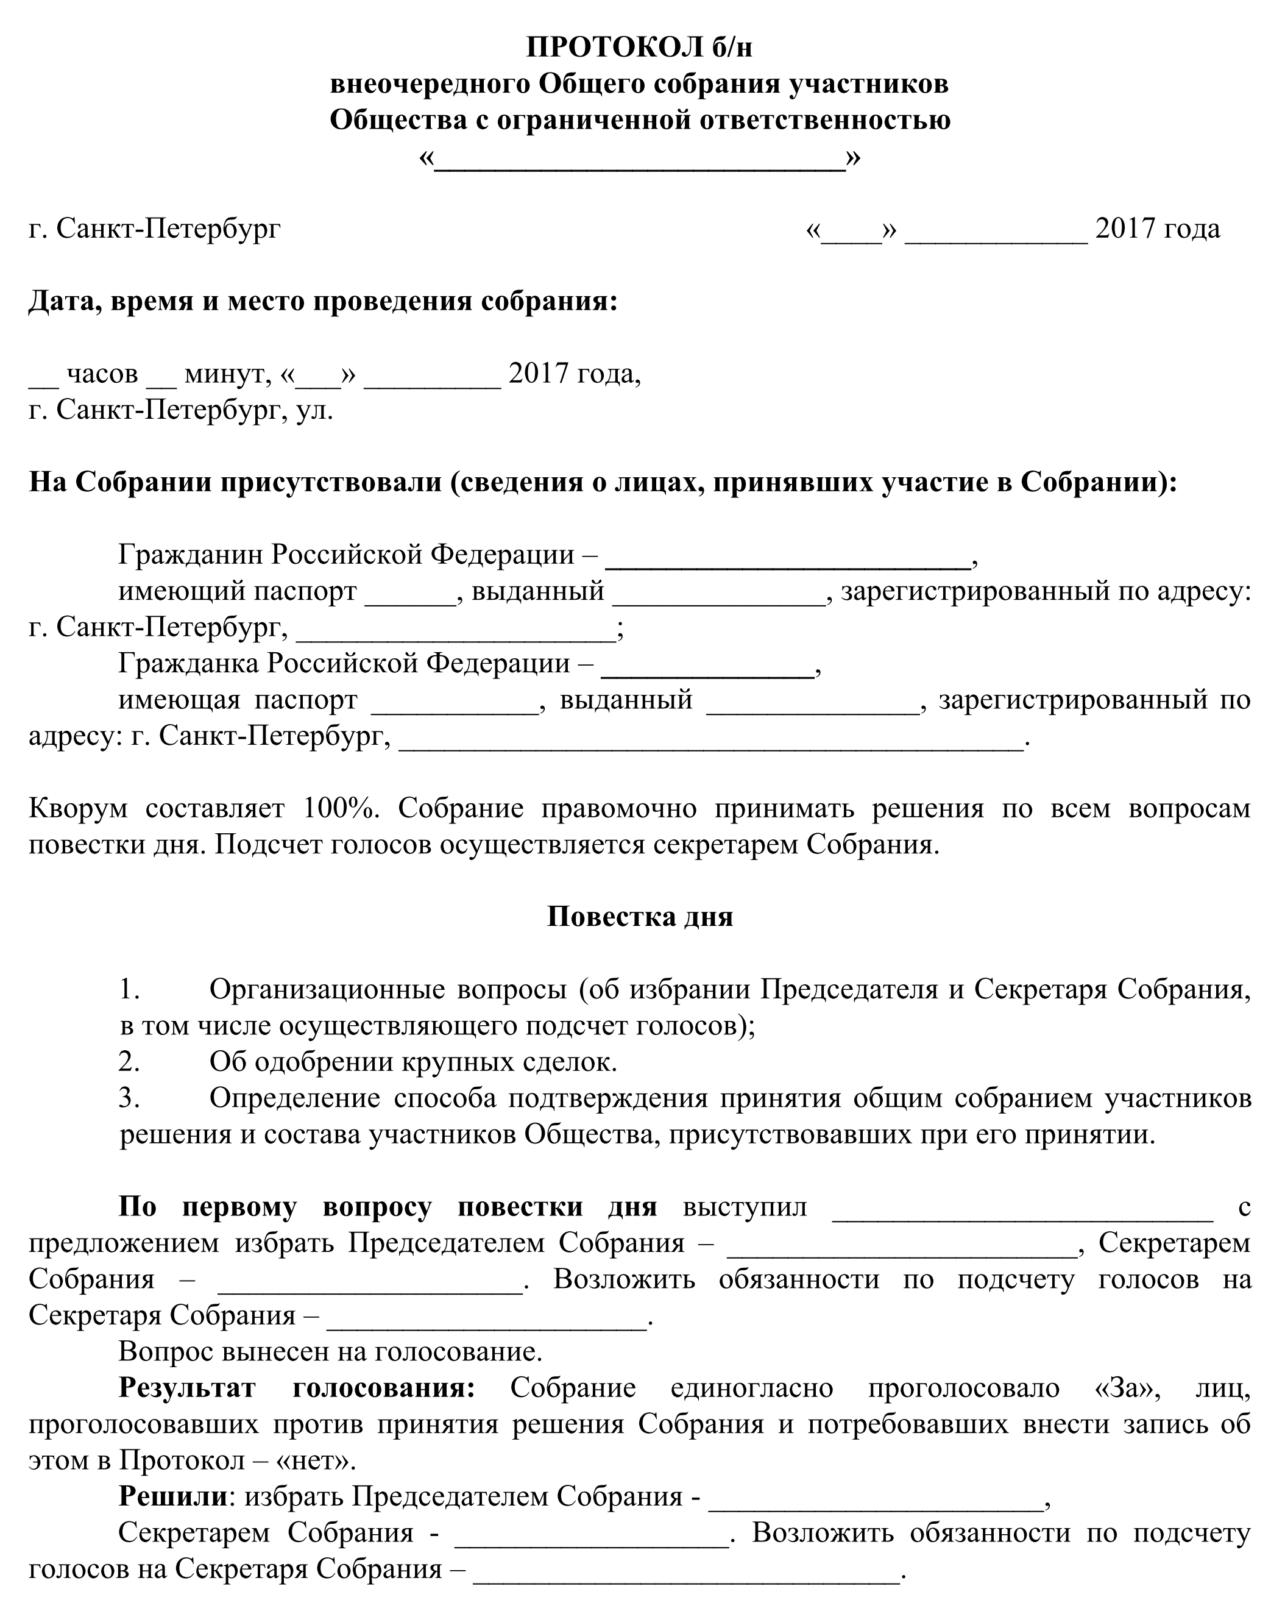 Образец протокола общего собрания